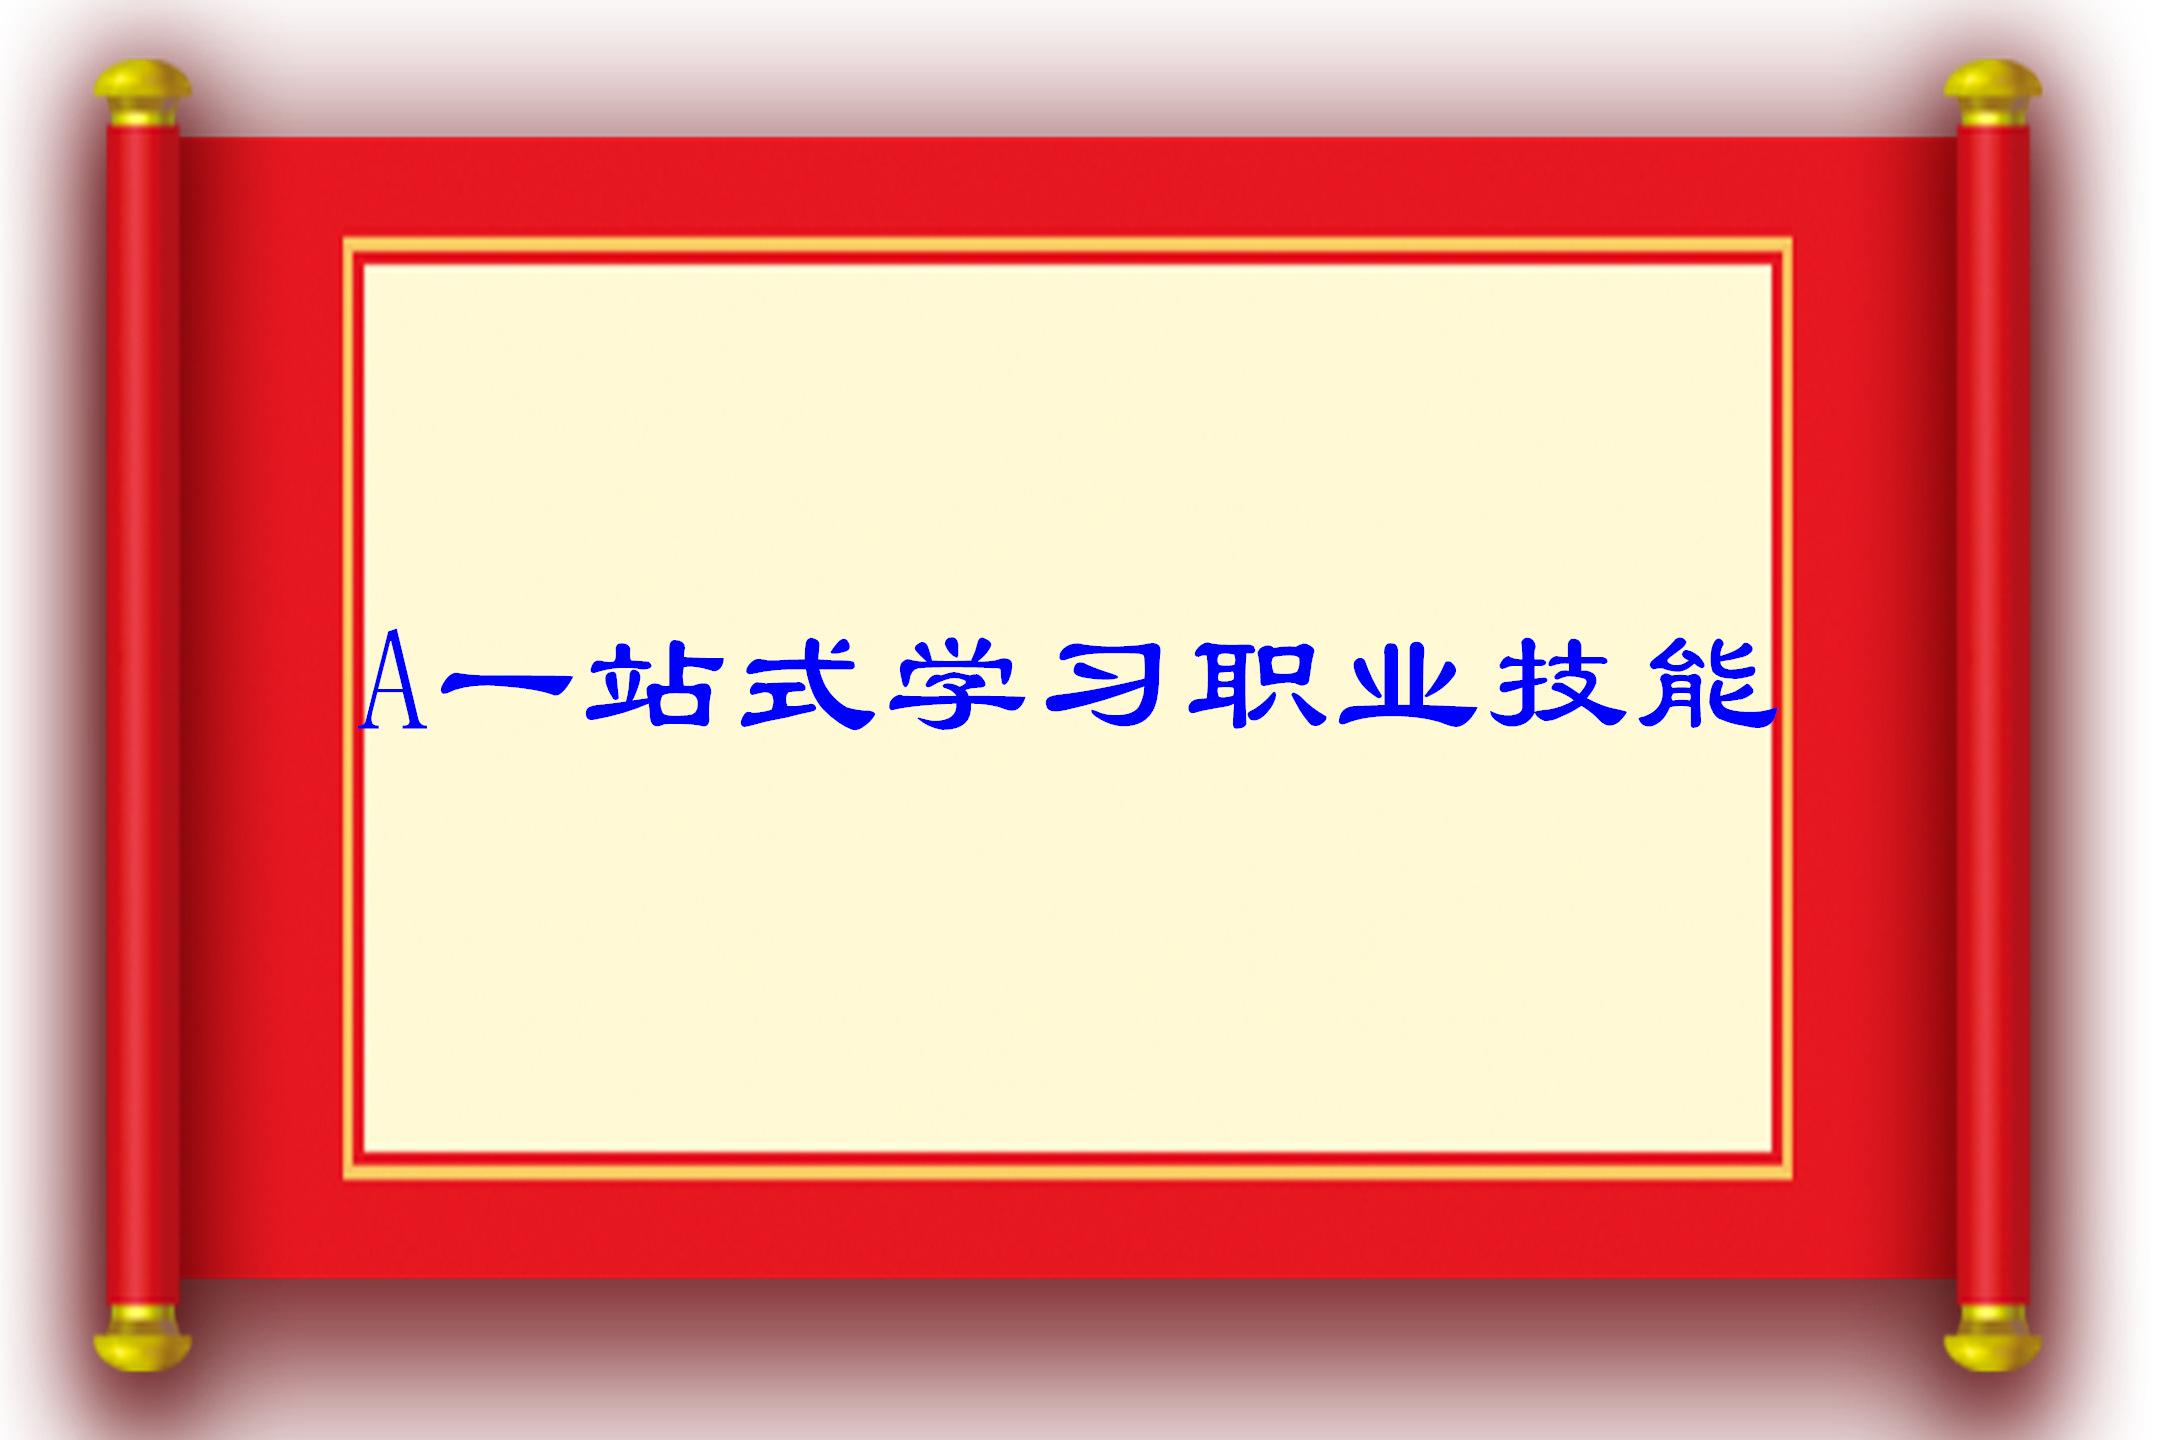 职业技能(管理/采购/生产/仓储/物流/ERP/办公ok